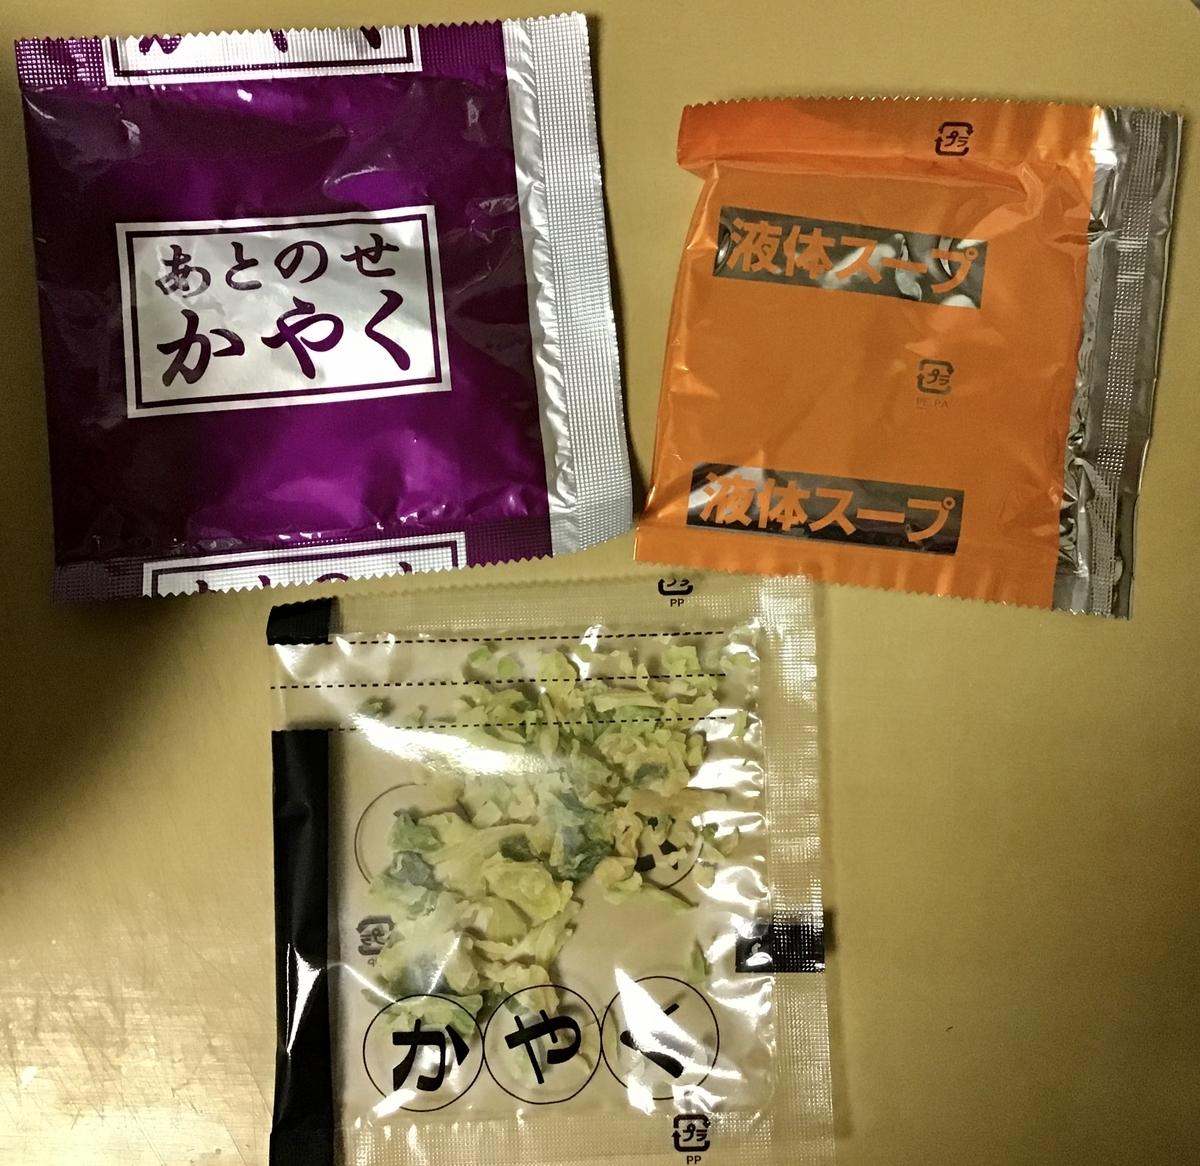 f:id:yumeusagiyukiusagi:20200802121501j:plain